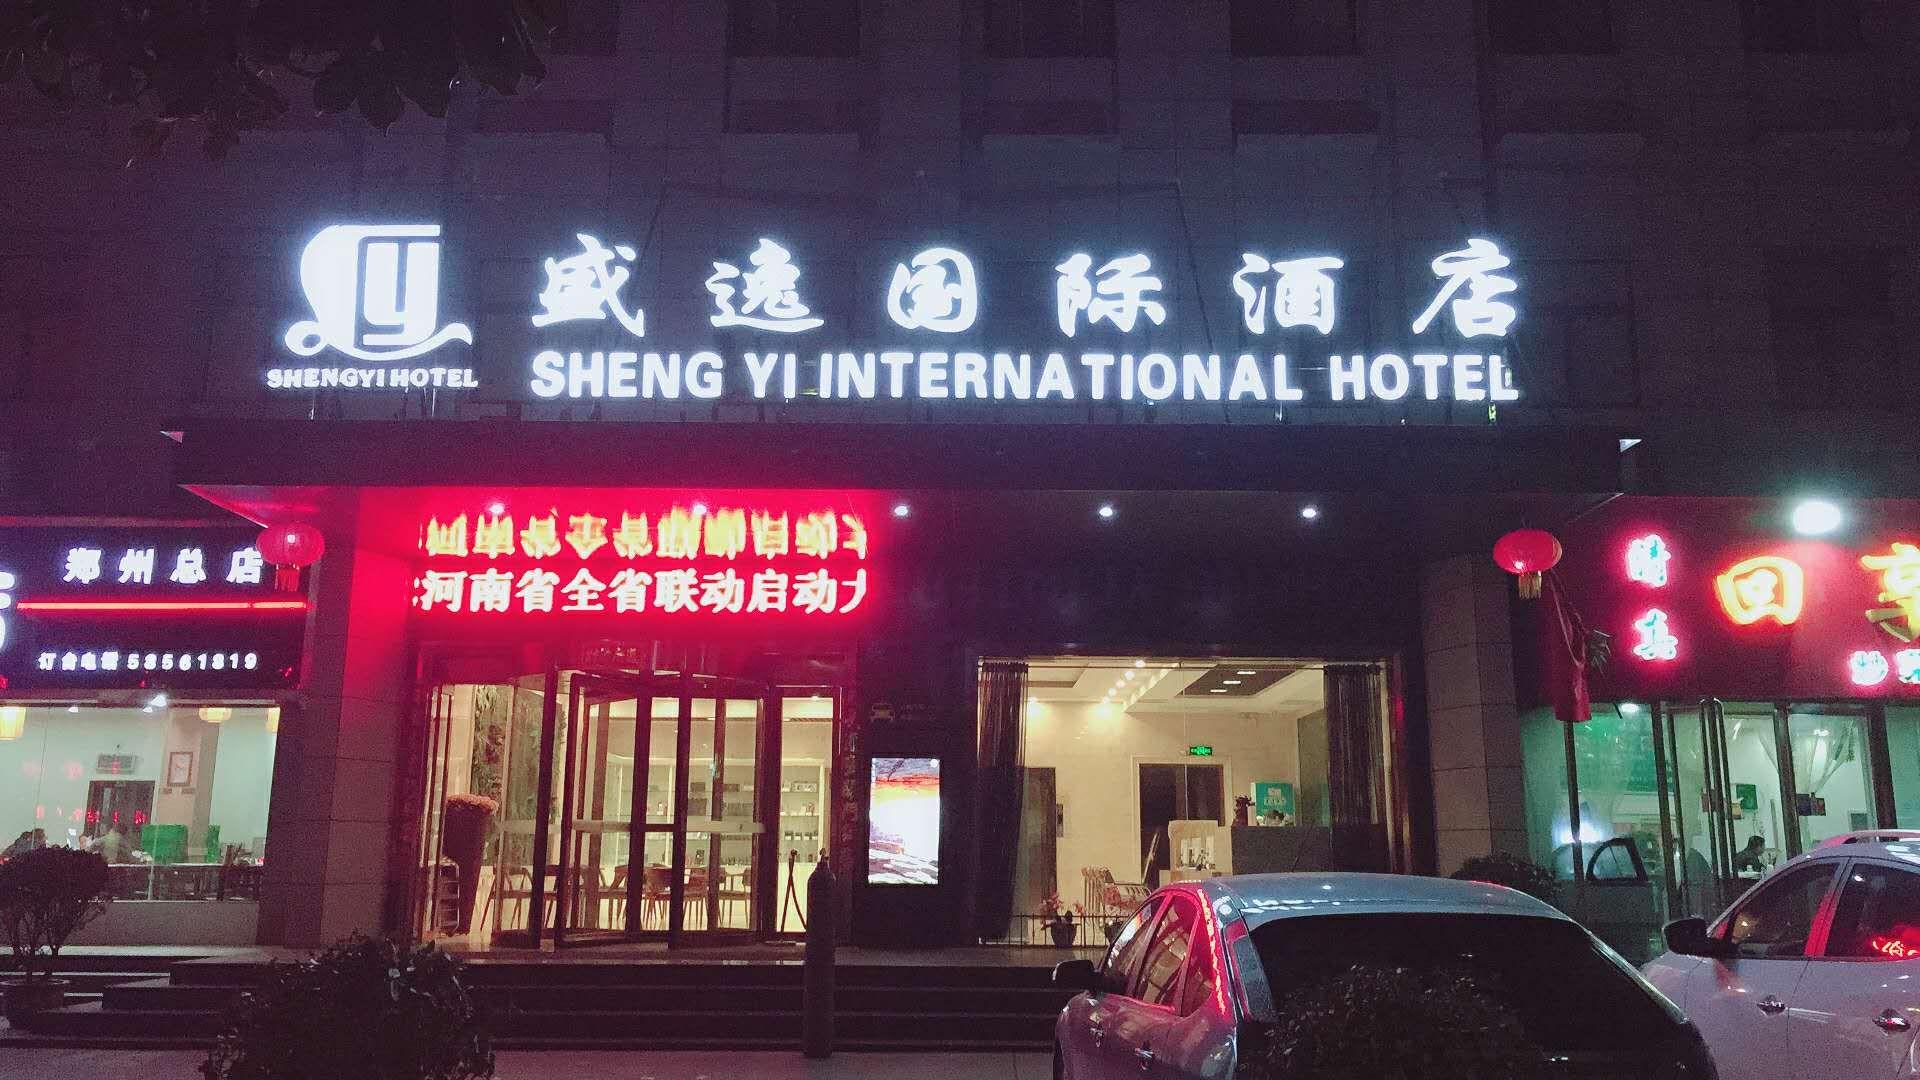 盛逸国际酒店婚宴预订